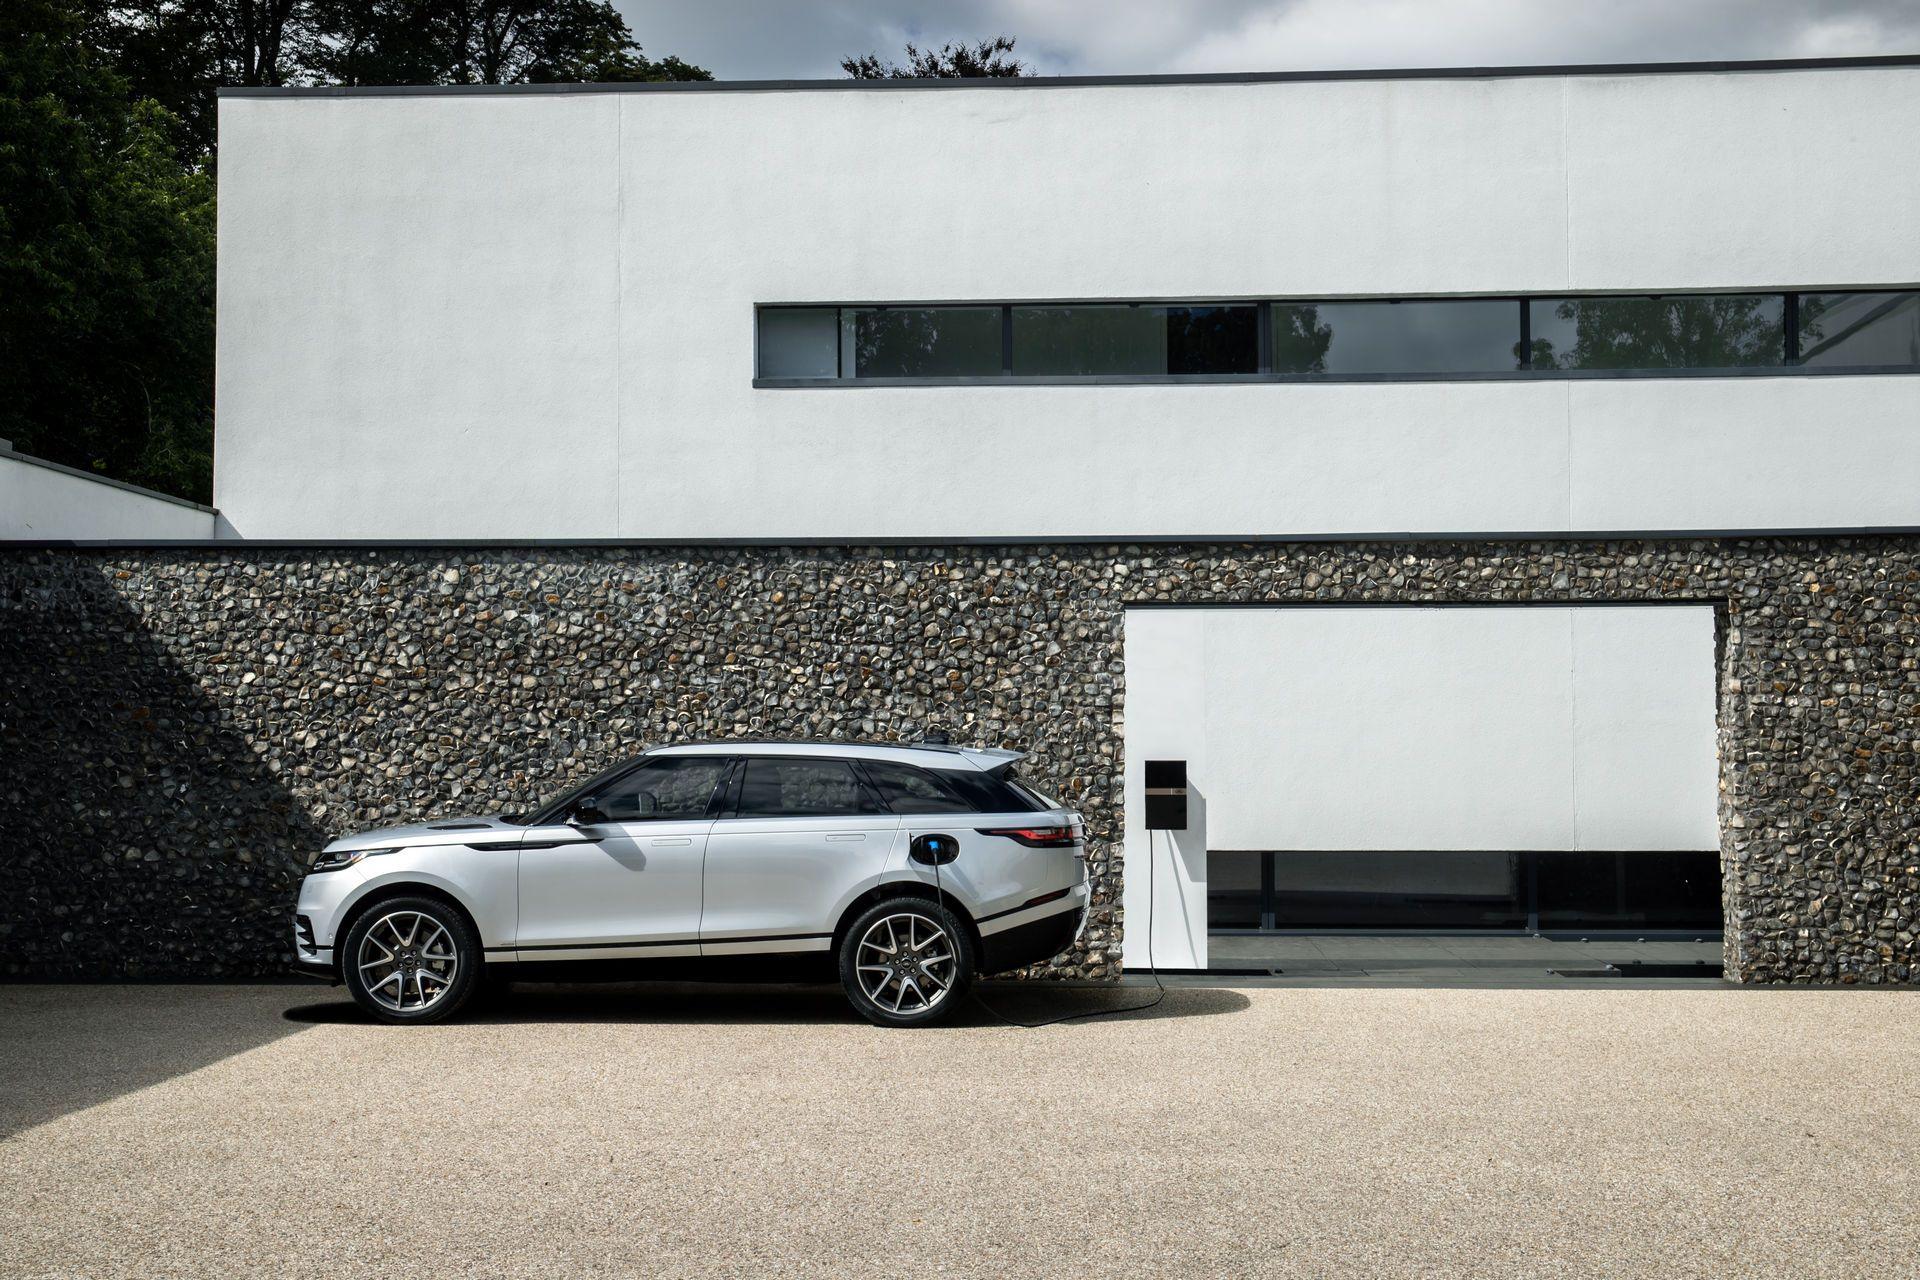 Range-Rover-Velar-2021-5